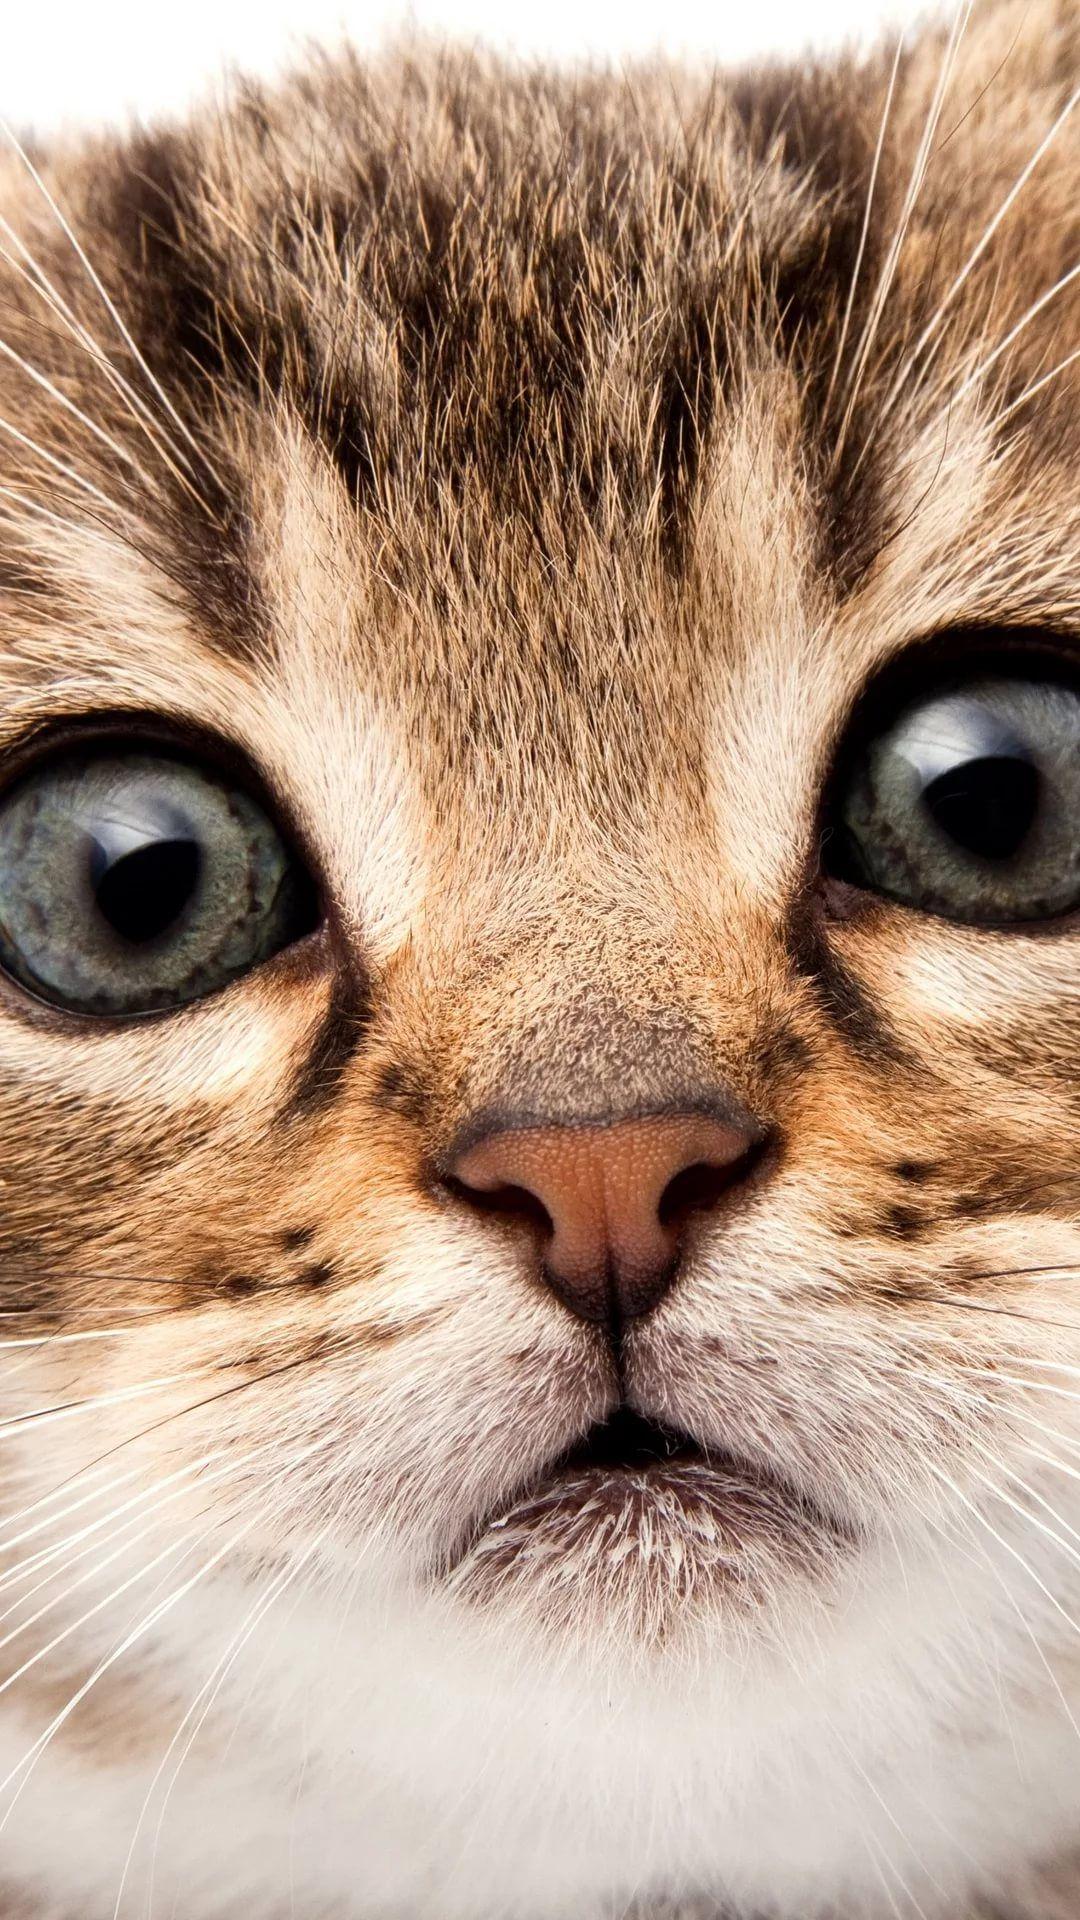 Beautiful Cat s7 Edge Wallpaper